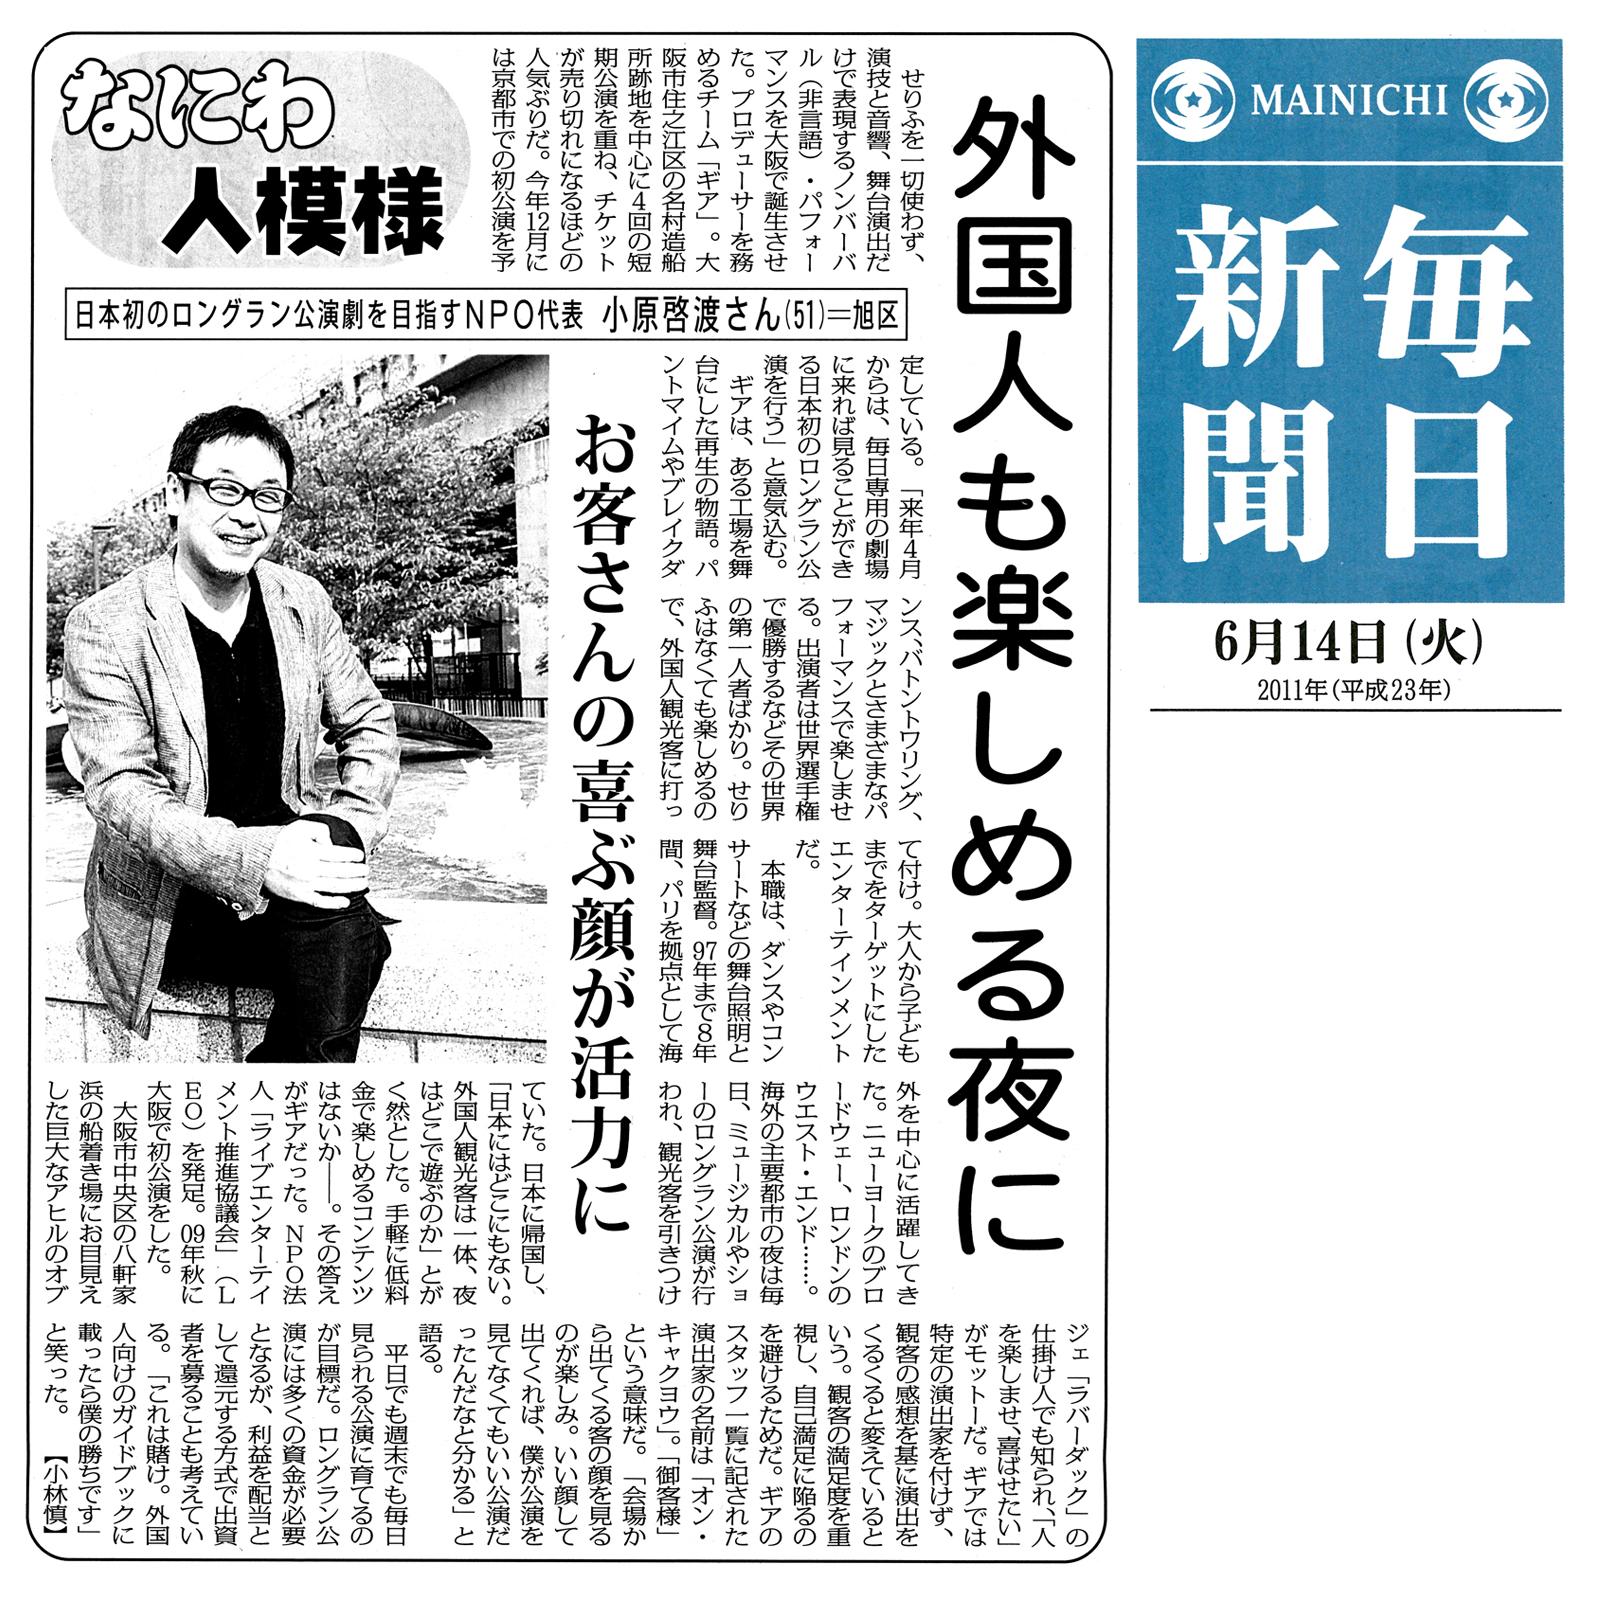 20110614-110614_mainichi_kohara-gear.jpg